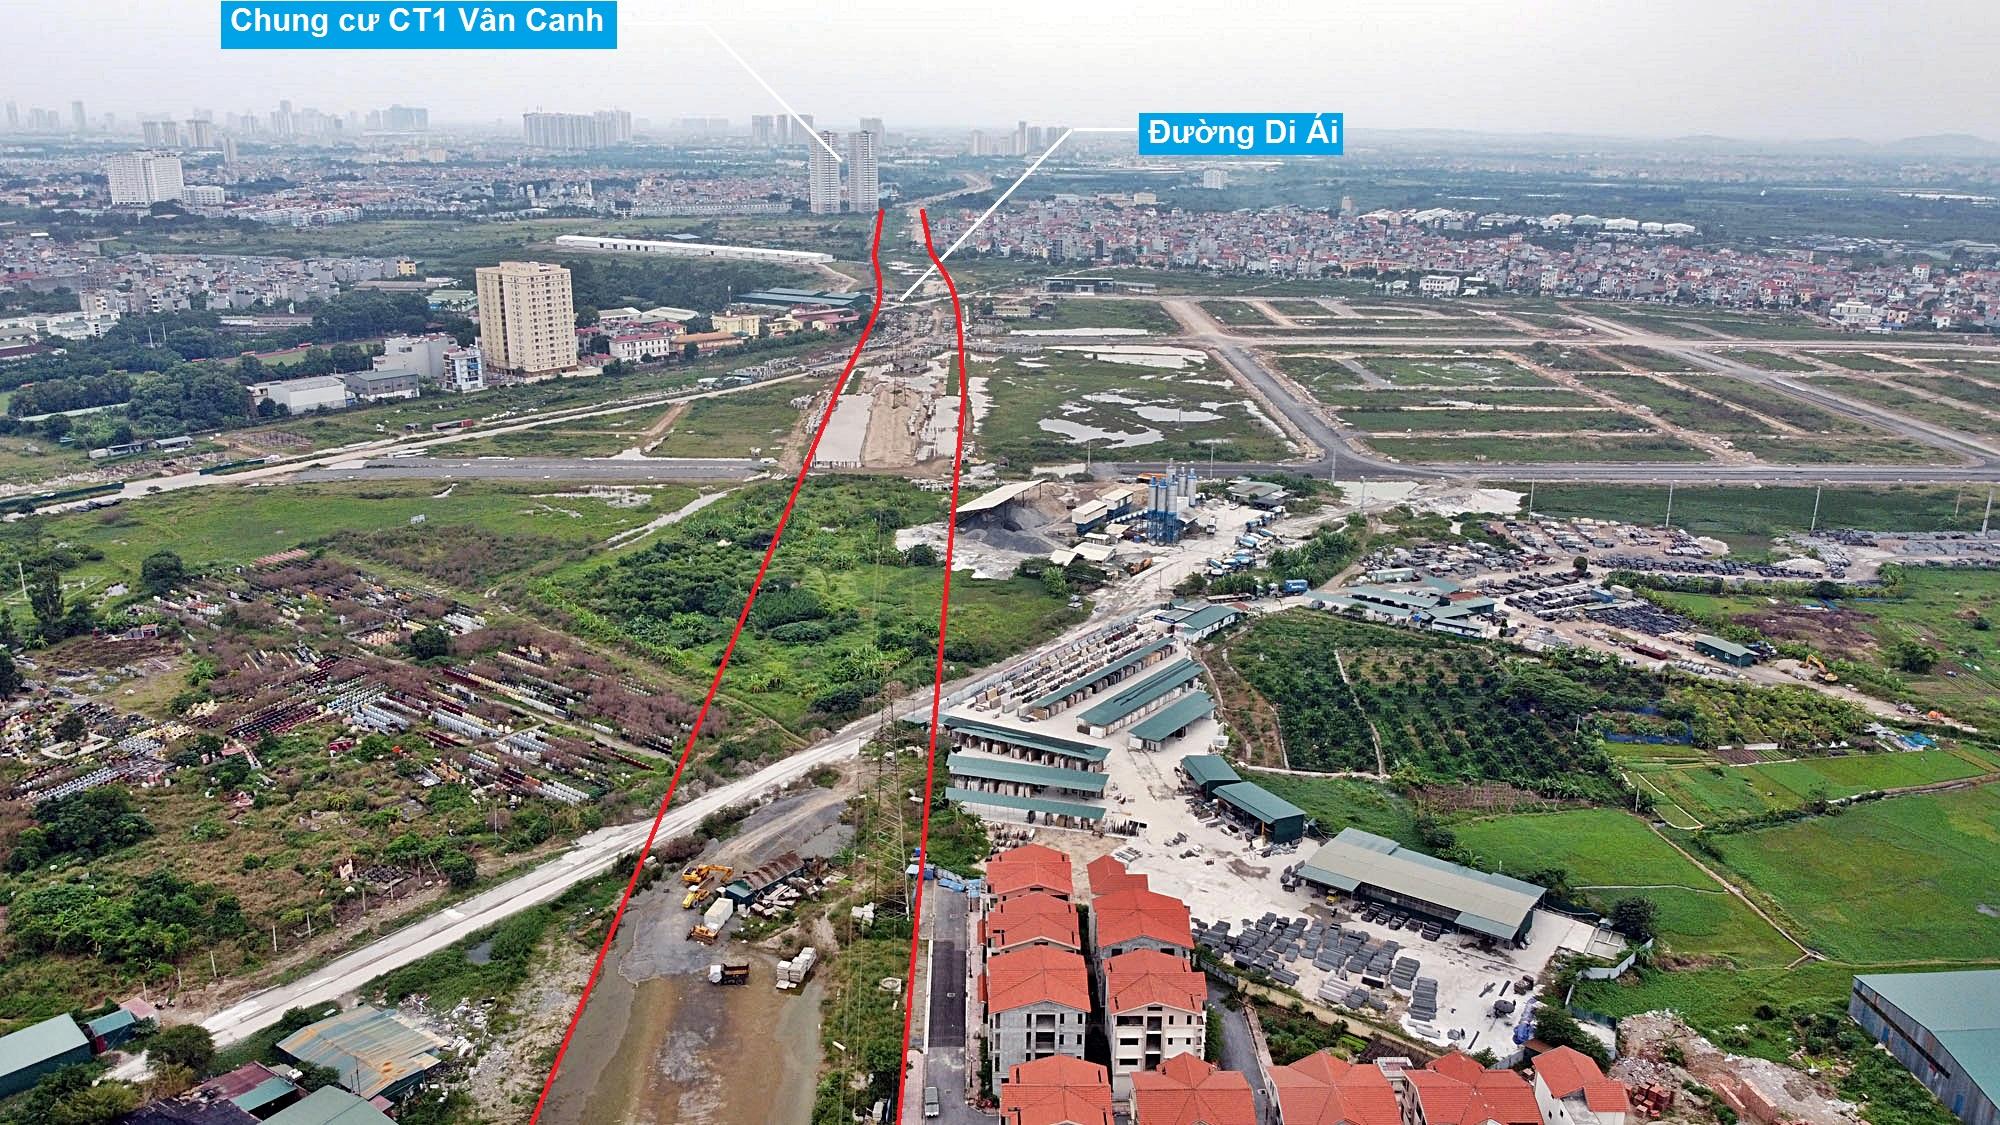 Toàn cảnh đường Vành đai 3,5 đang thi công qua huyện Hoài Đức, Hà Nội - Ảnh 12.